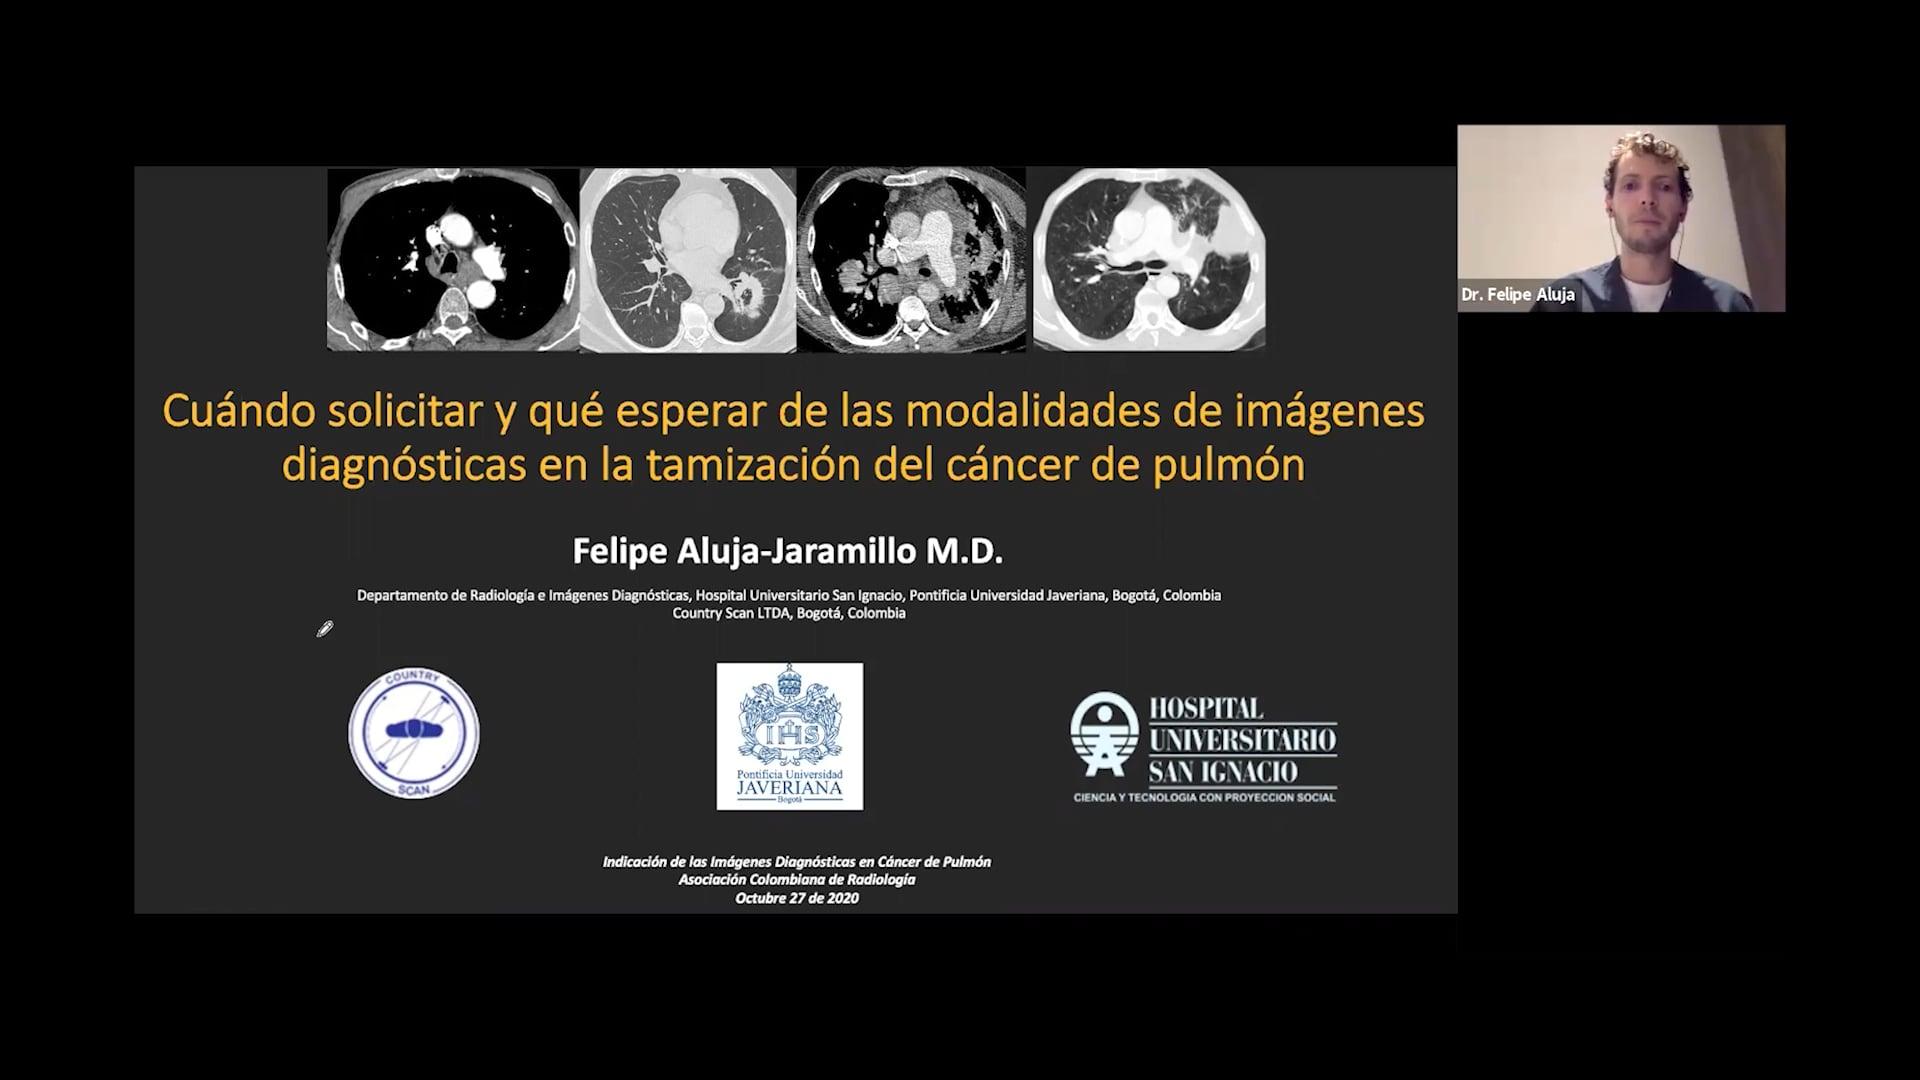 Pulmón_Cuándo solicitar y qué esperar de las modalidades de imágenes diagnósticas en la tamización del cáncer de pulmón